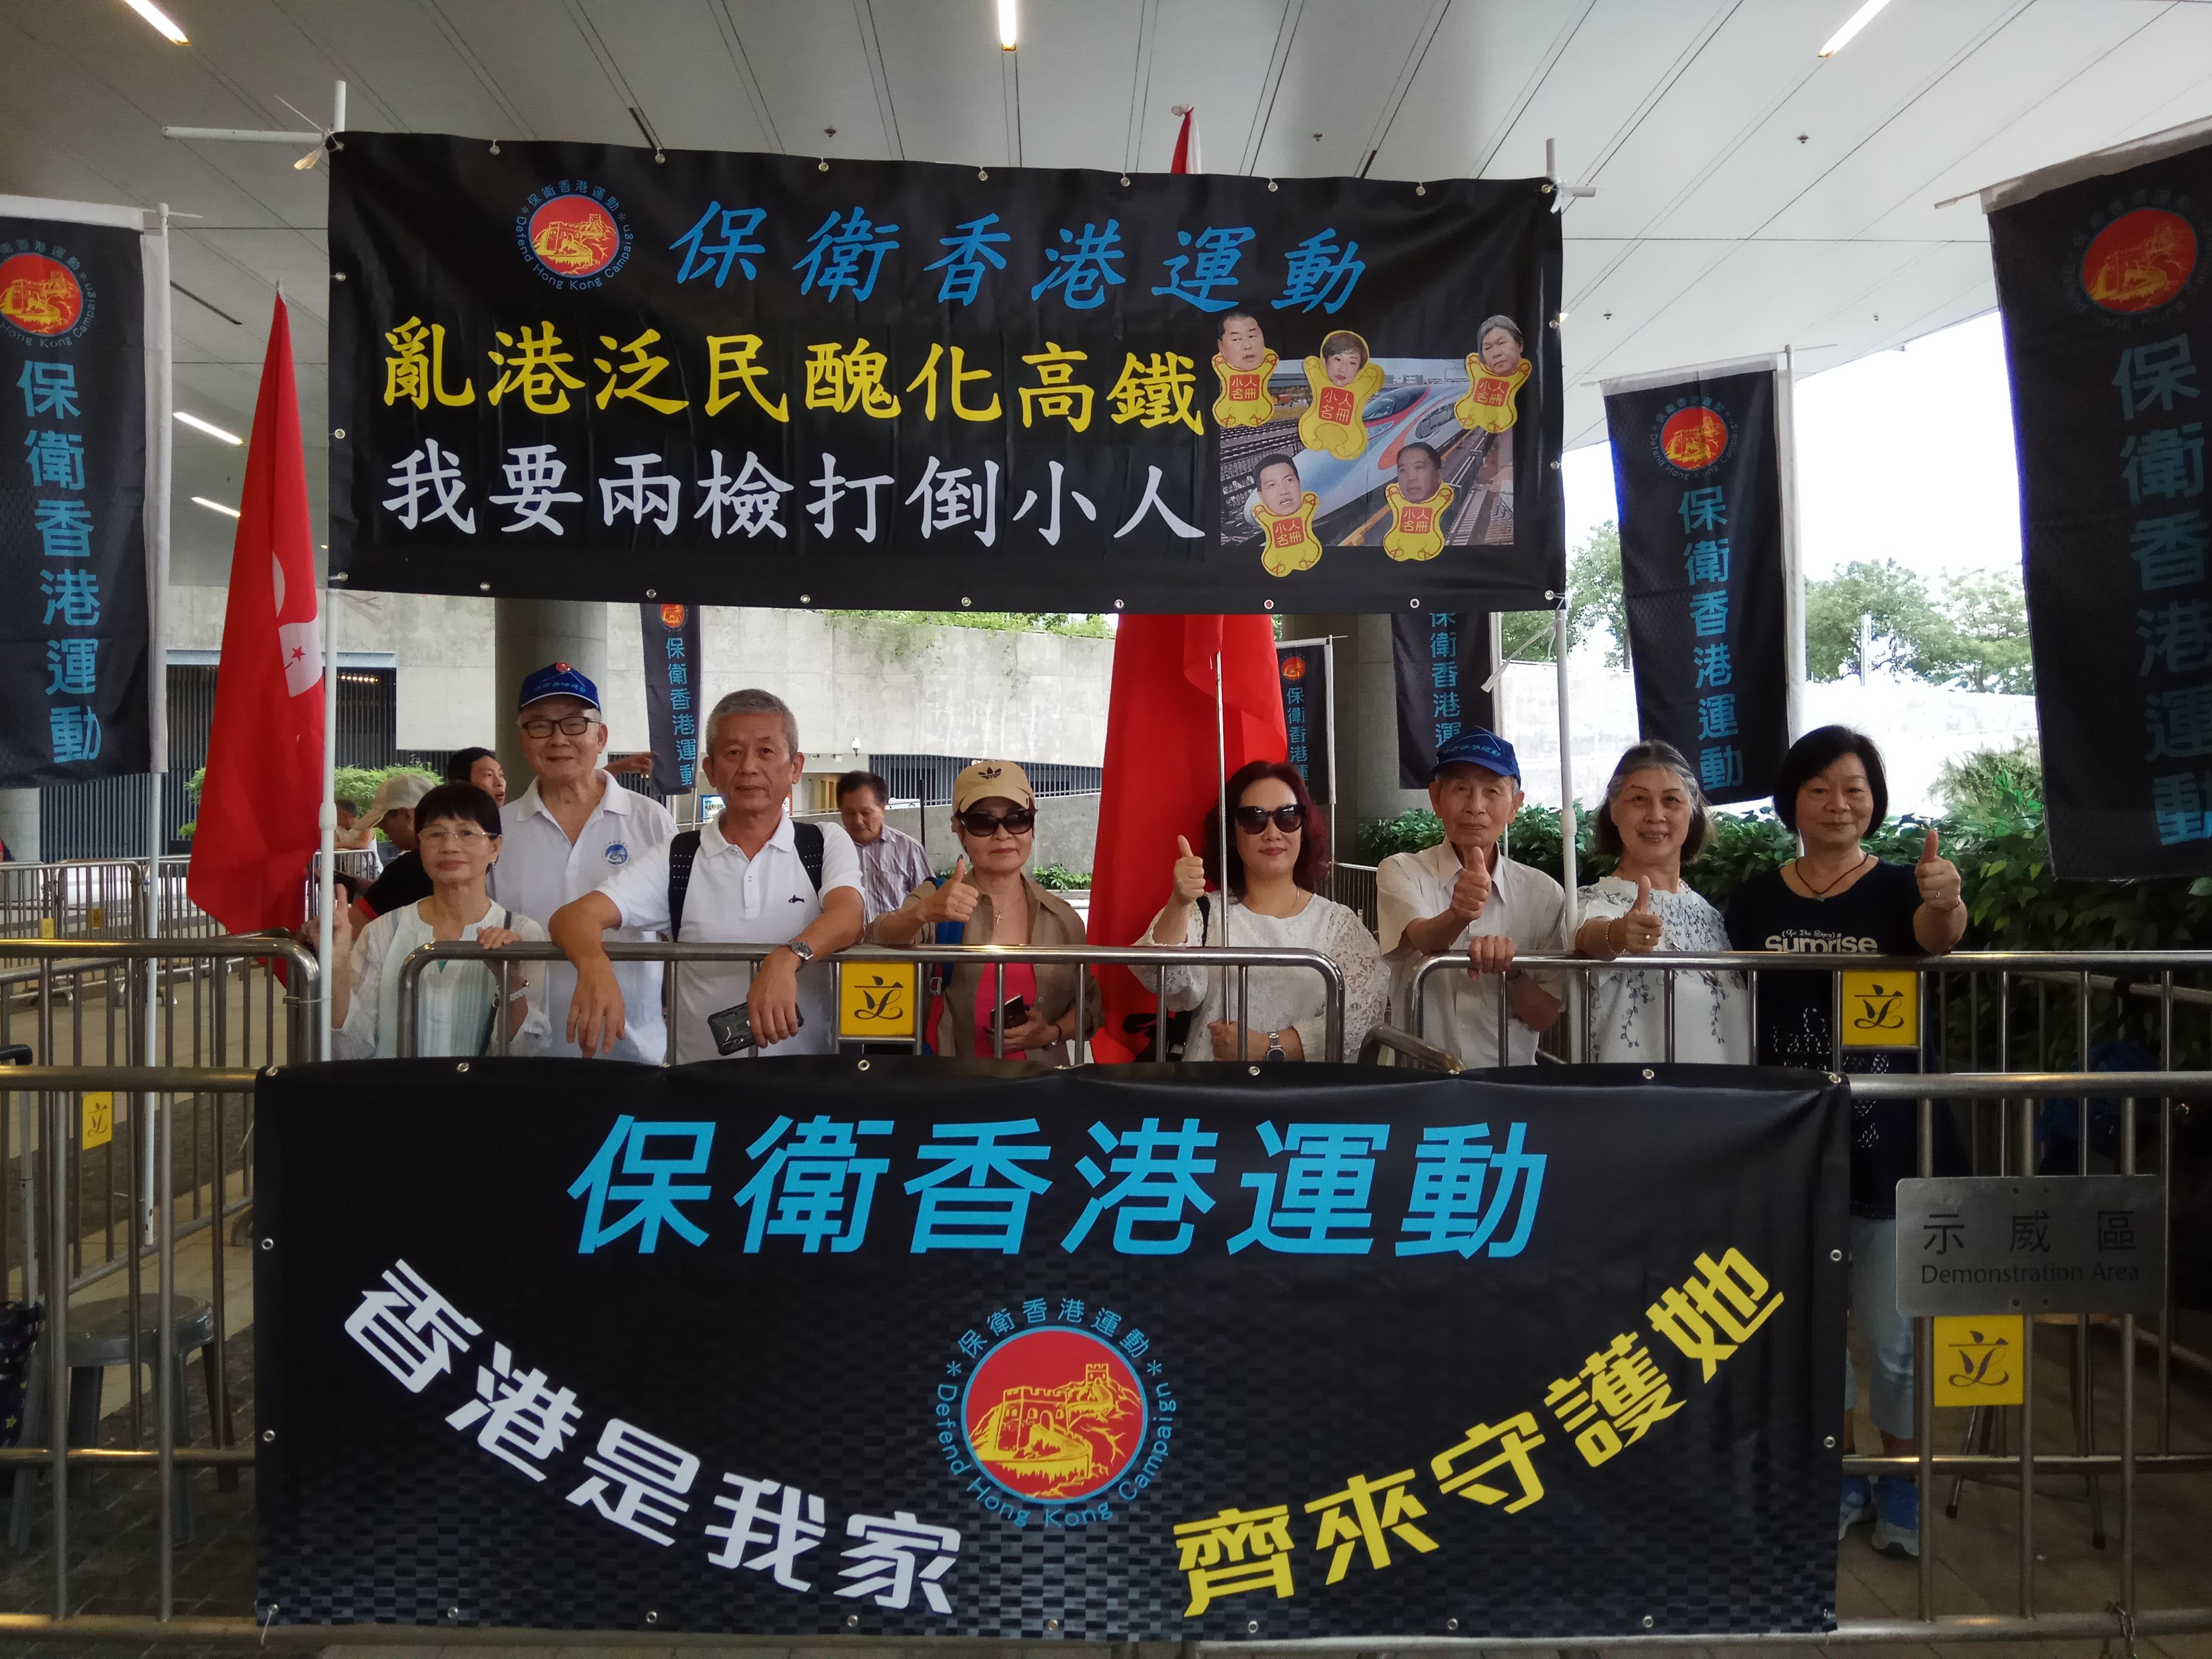 「保衛香港運動」主辦「打阻礙高鐵小人」集會 - 華發網繁體版